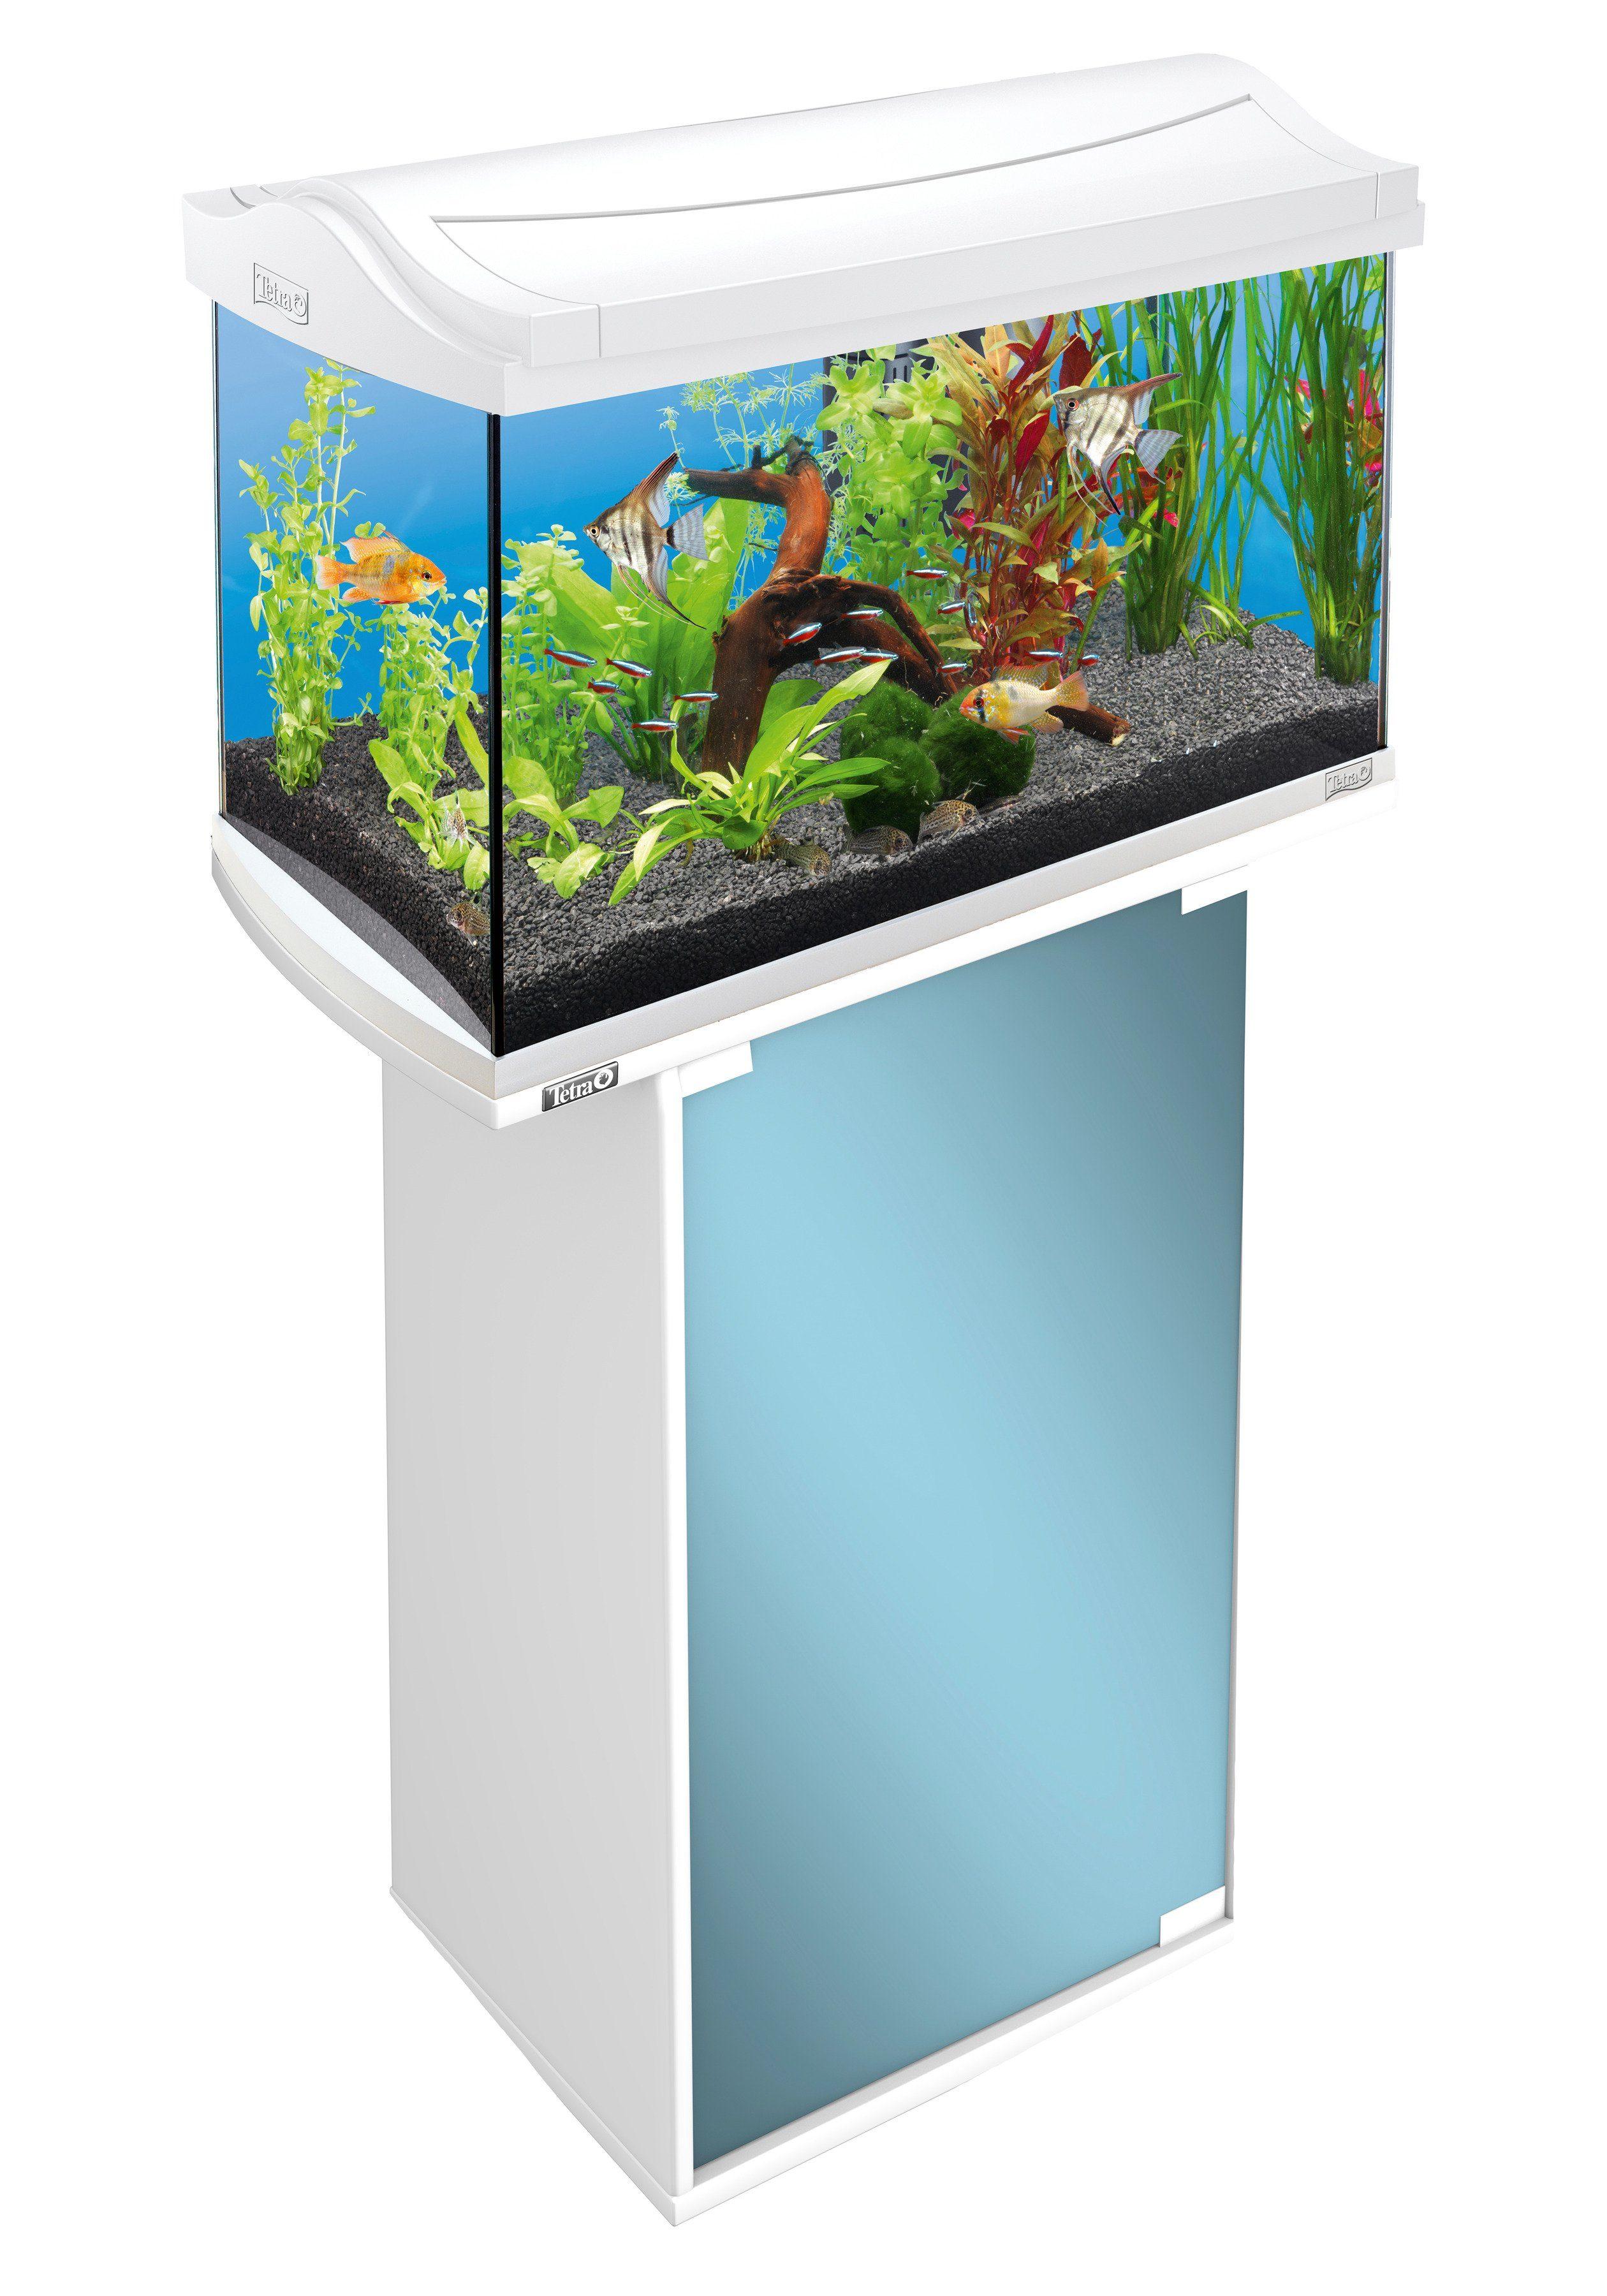 aquarienunterschrank tetra aquaart f r 60 l aquarien. Black Bedroom Furniture Sets. Home Design Ideas